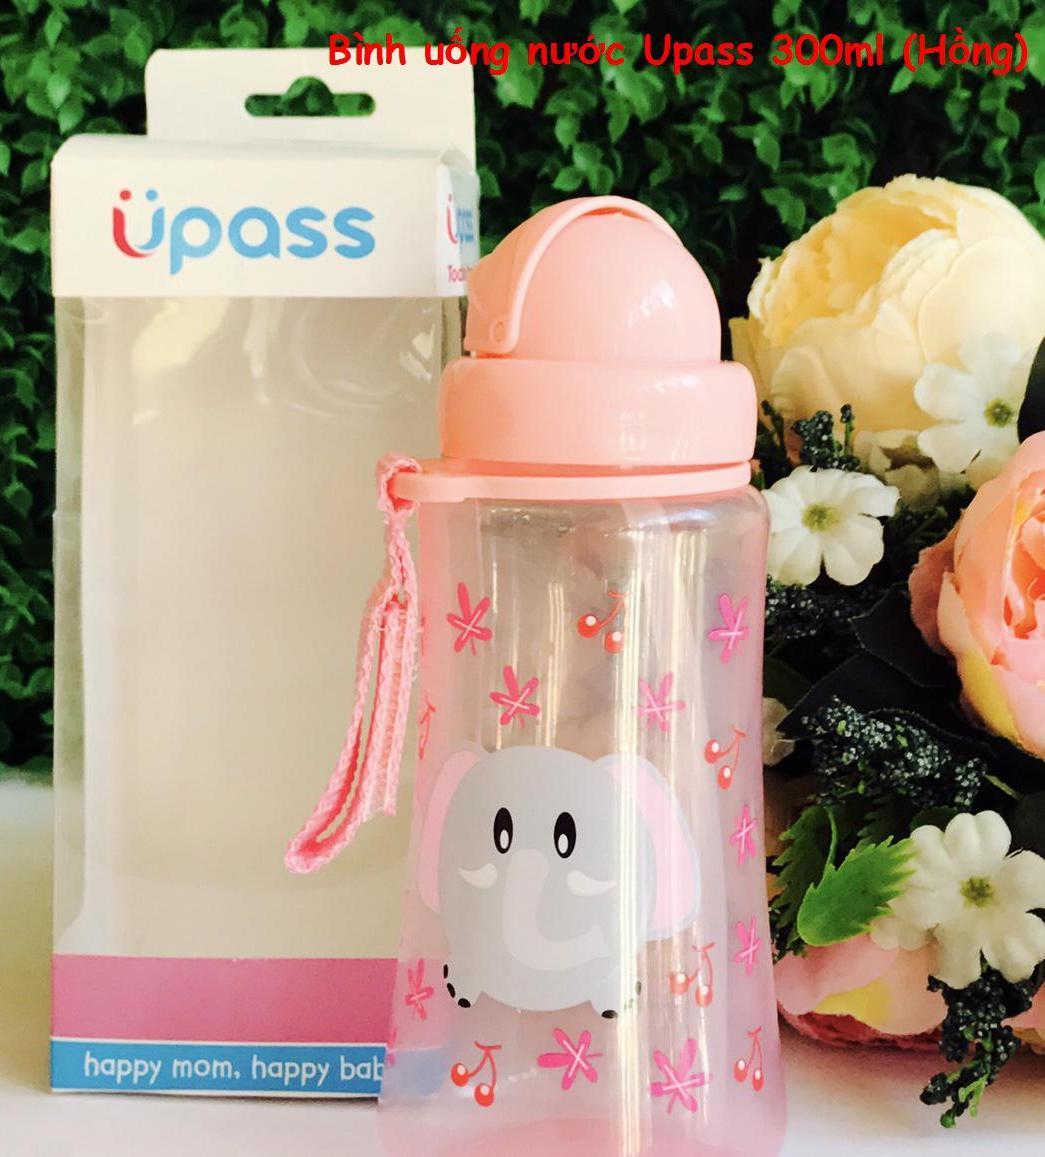 UPASS (Thái Lan) - Bình uống nước tập hút có ống hút silicone mềm cho bé 300ml Upass UP0090N